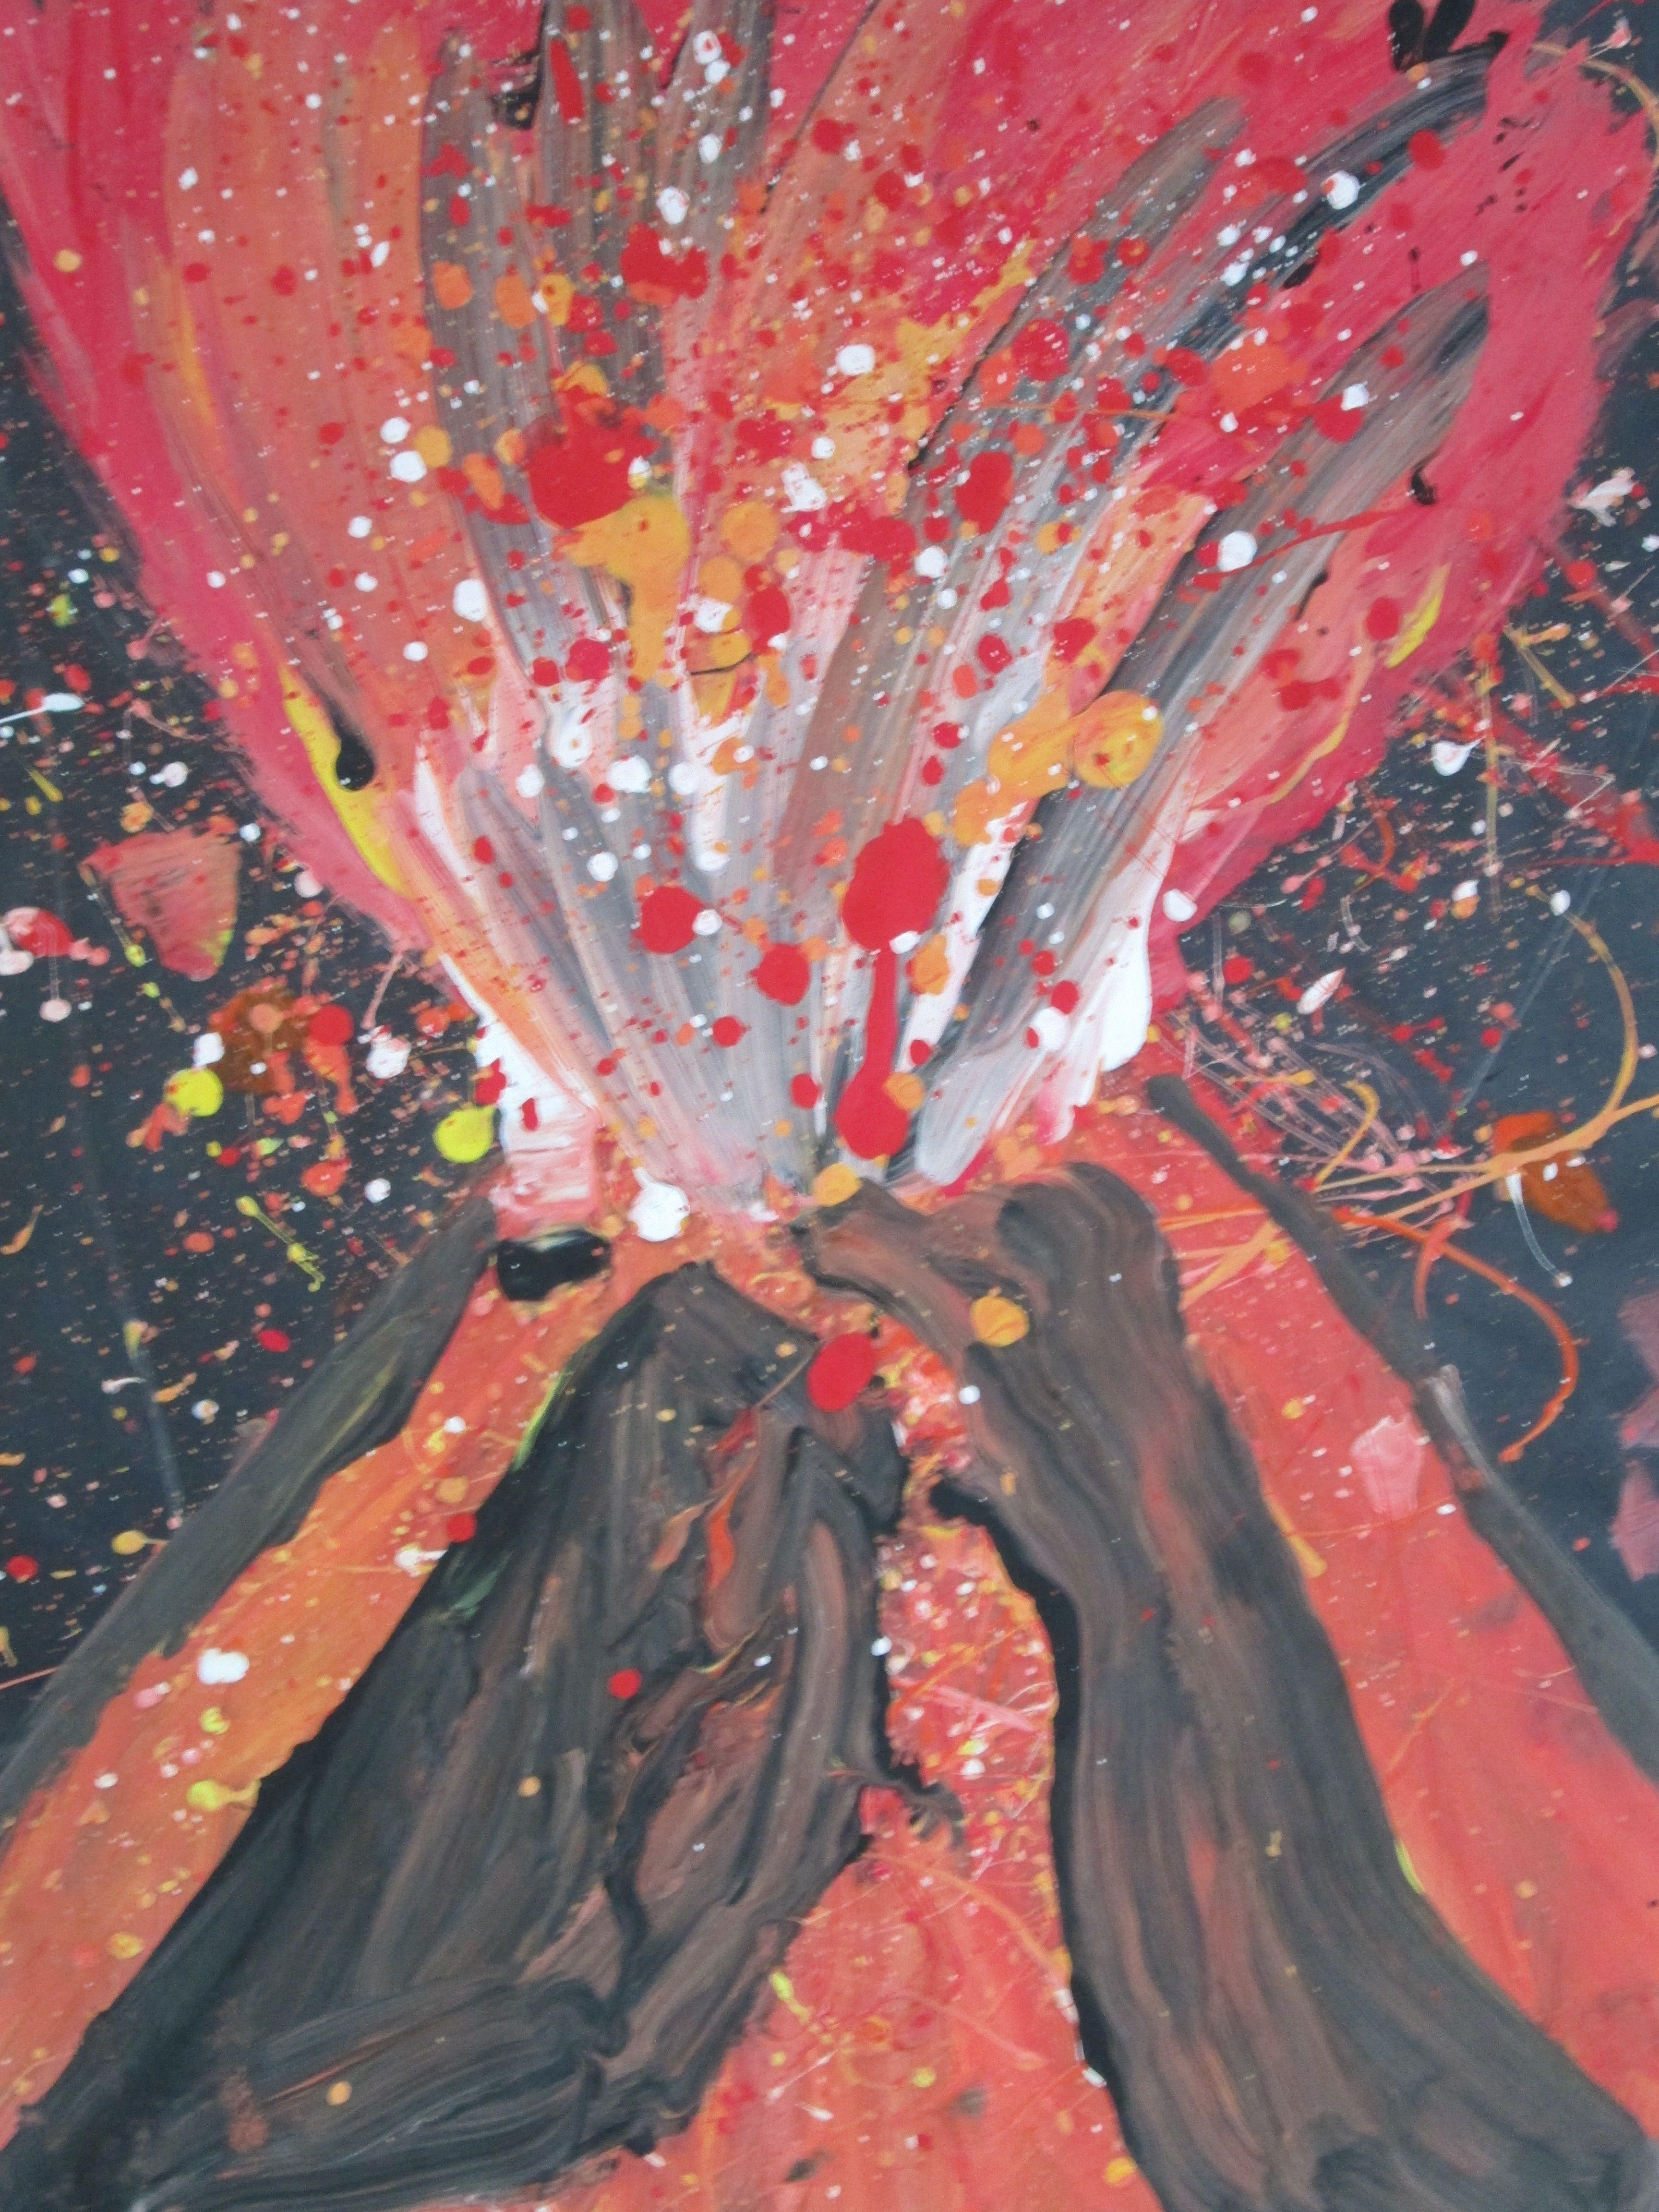 Volcano Painting Explosive Art Weather Art Volcano Projects Art